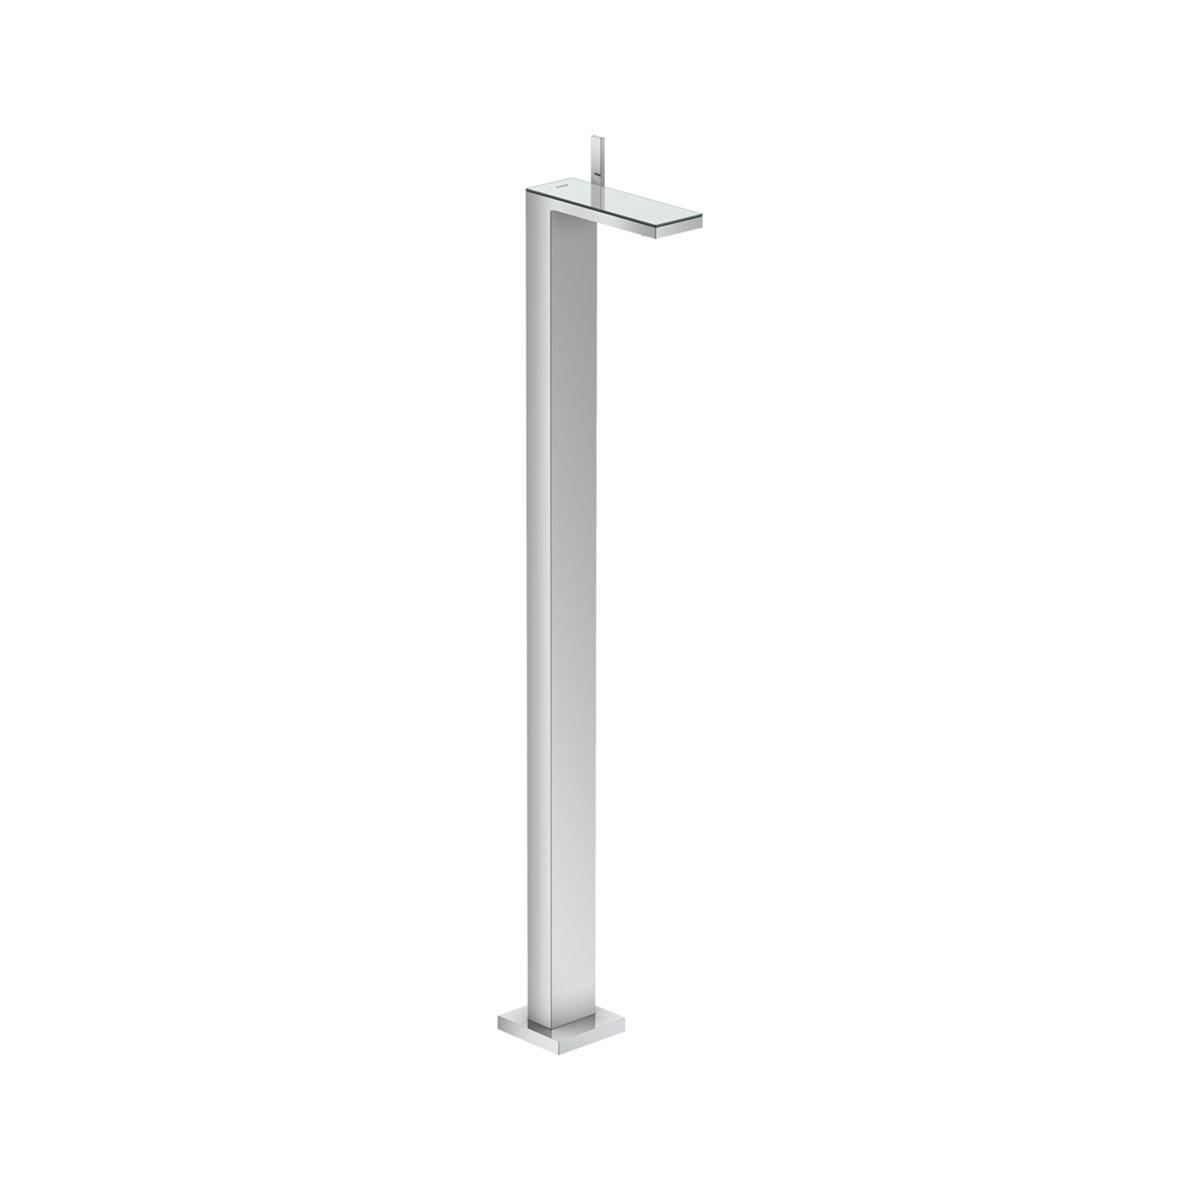 Hansgrohe-Phoenix-Design-AXOR-MyEdition-Basin-Mixer-Floor-Standing-47040000-Matisse-1